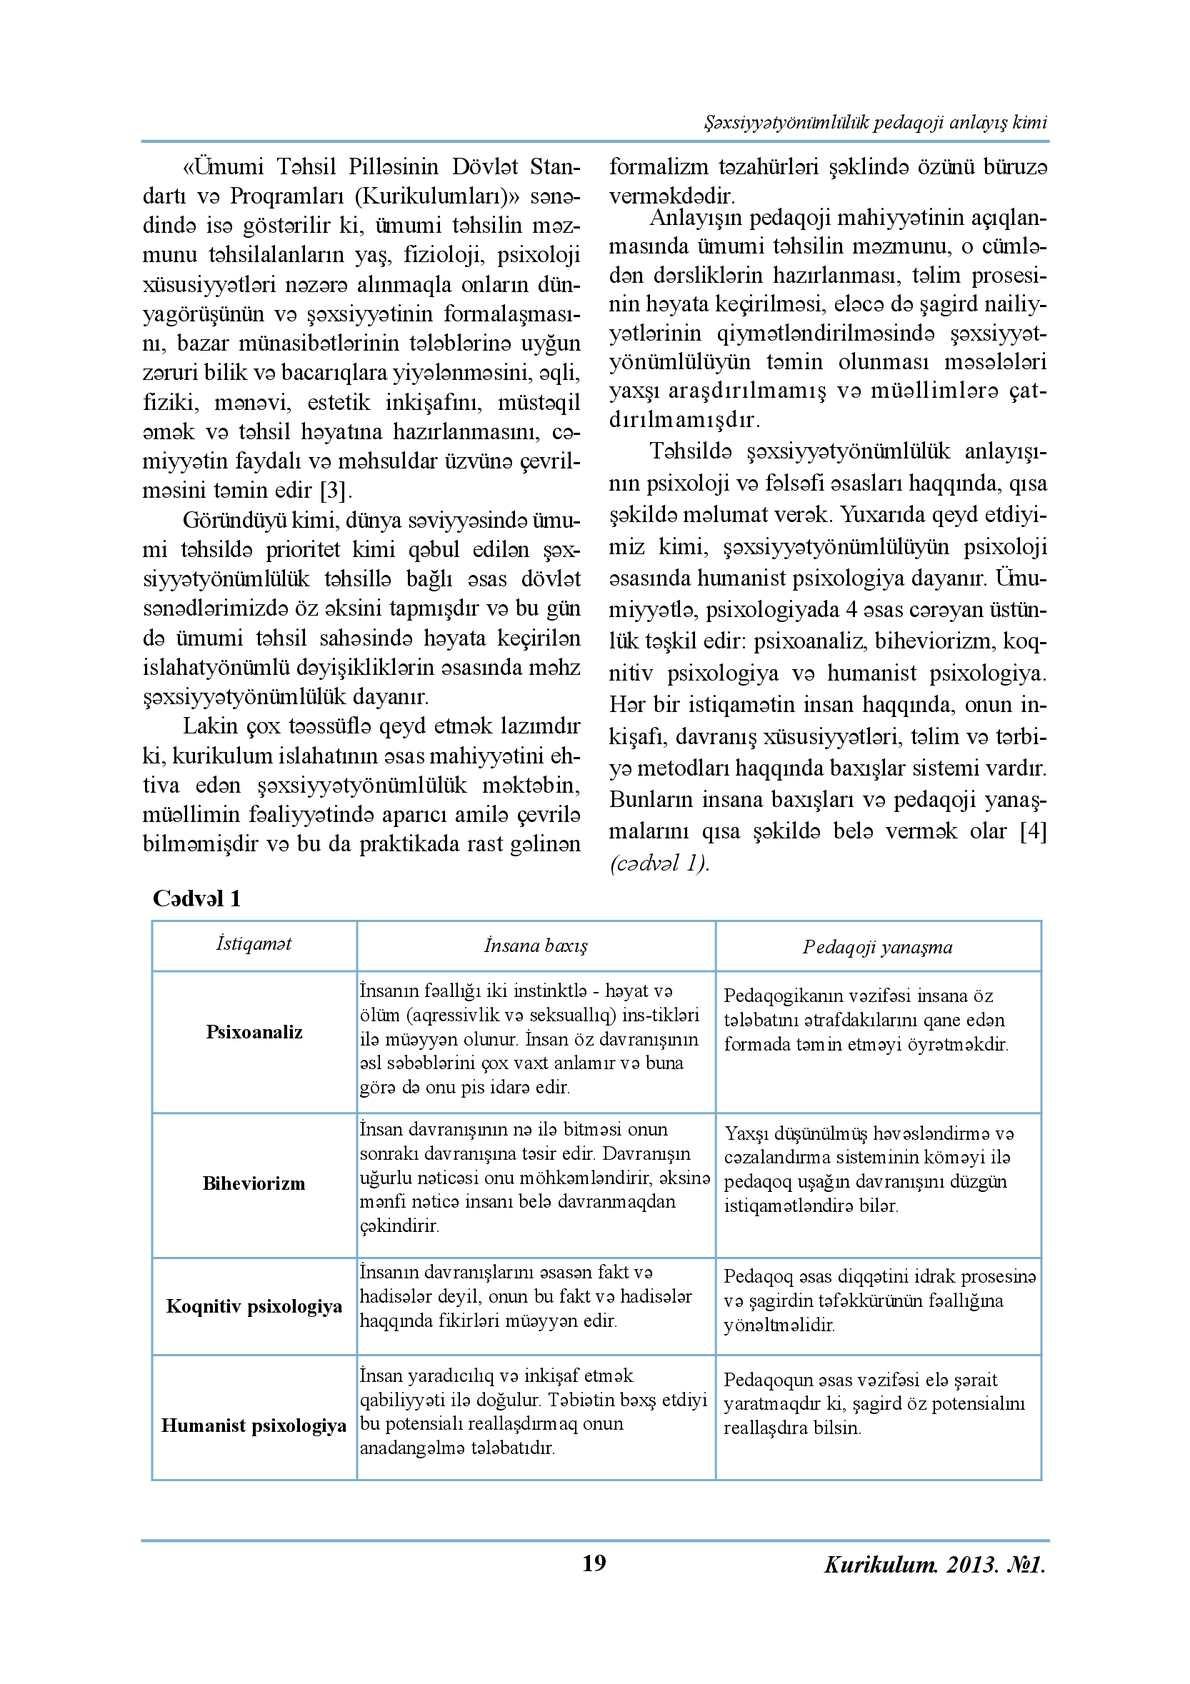 Kurikulum 2013 1 Calameo Downloader